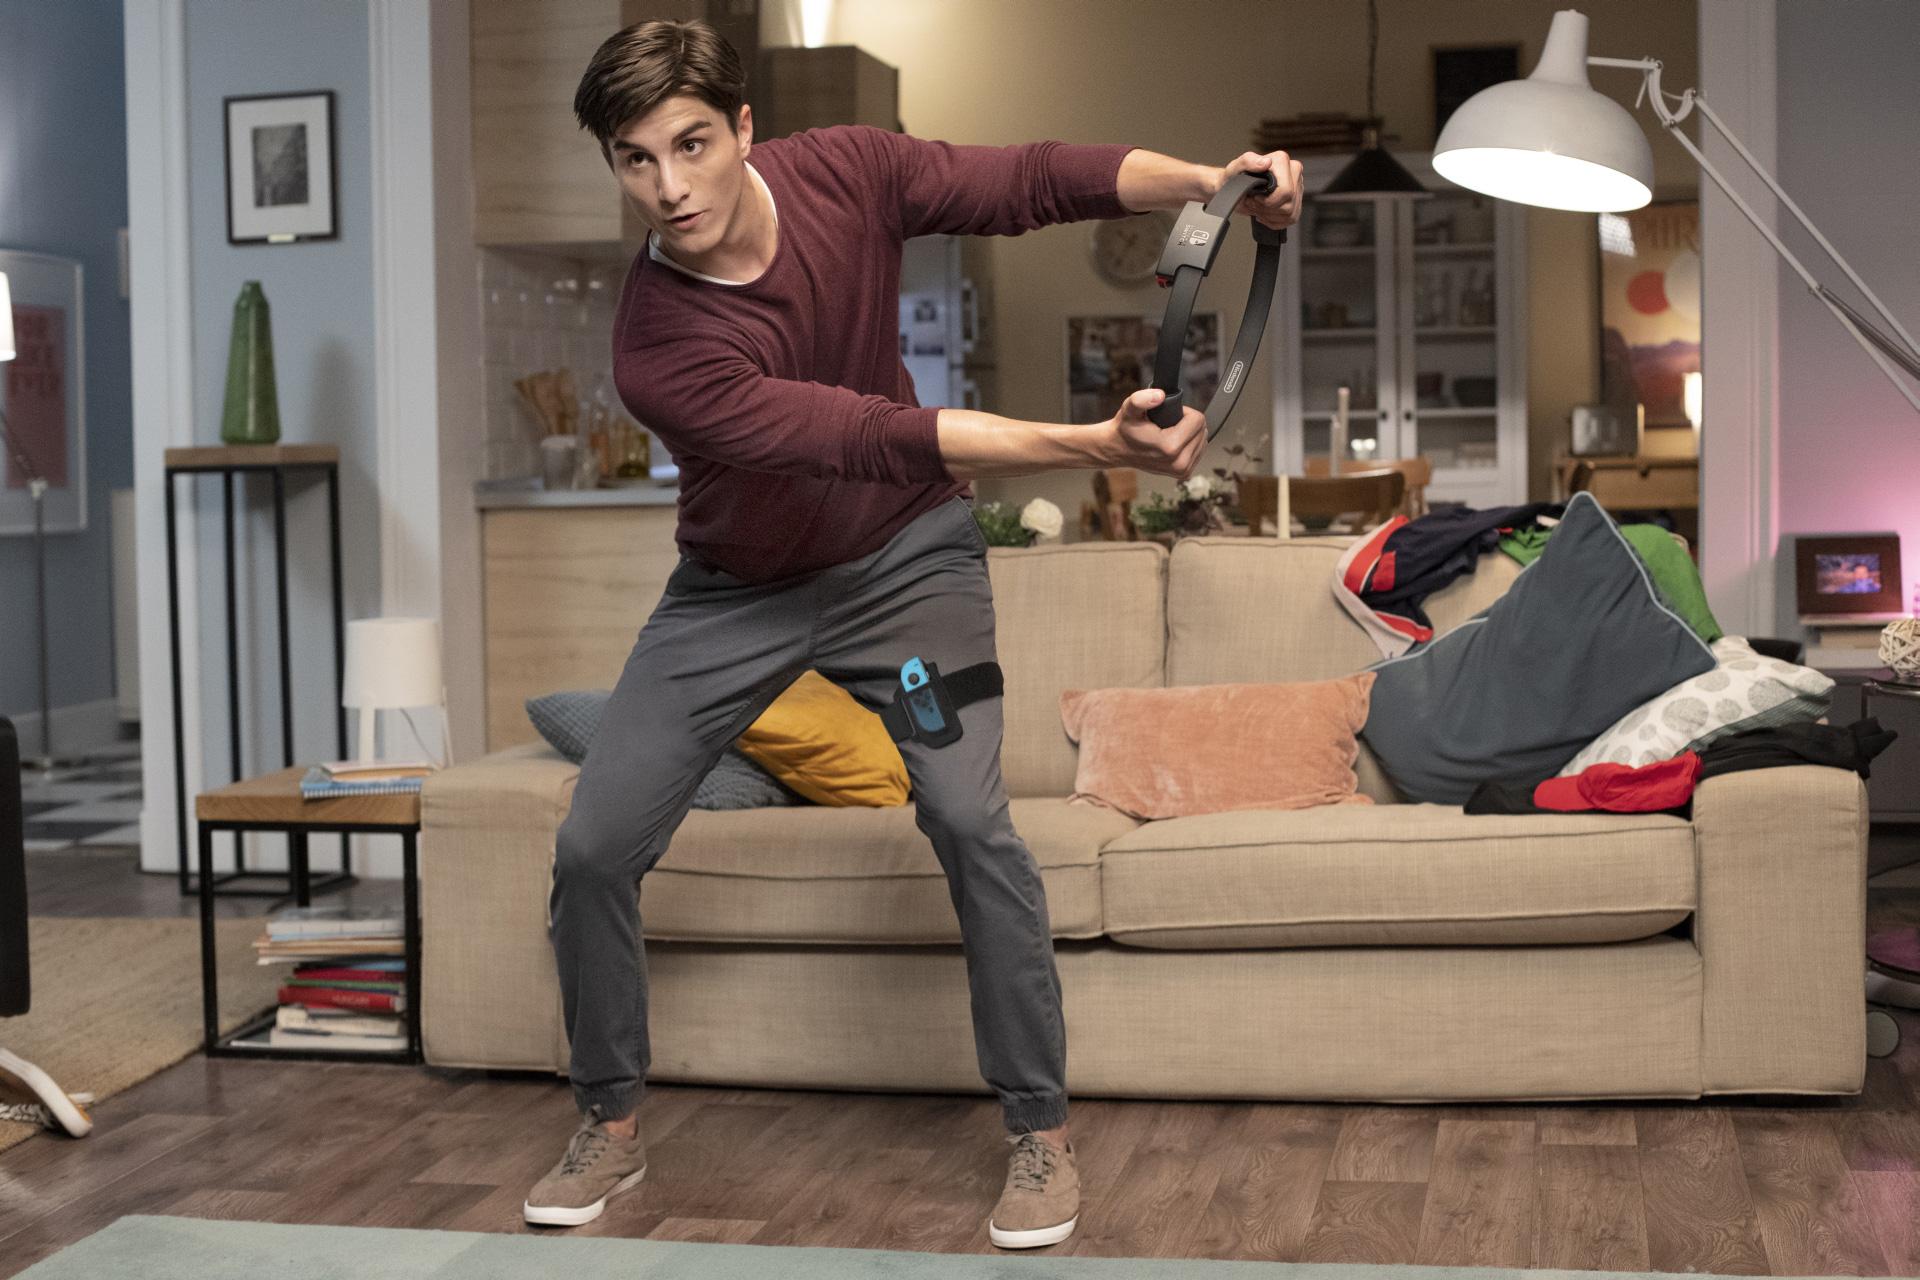 Die Zubehör-Kombi aus Ring und Beinschlaufe ist angenehm leicht. Allerdings sollte man genügend Platz vor dem Fernseher haben, um effektiv trainieren zu können.